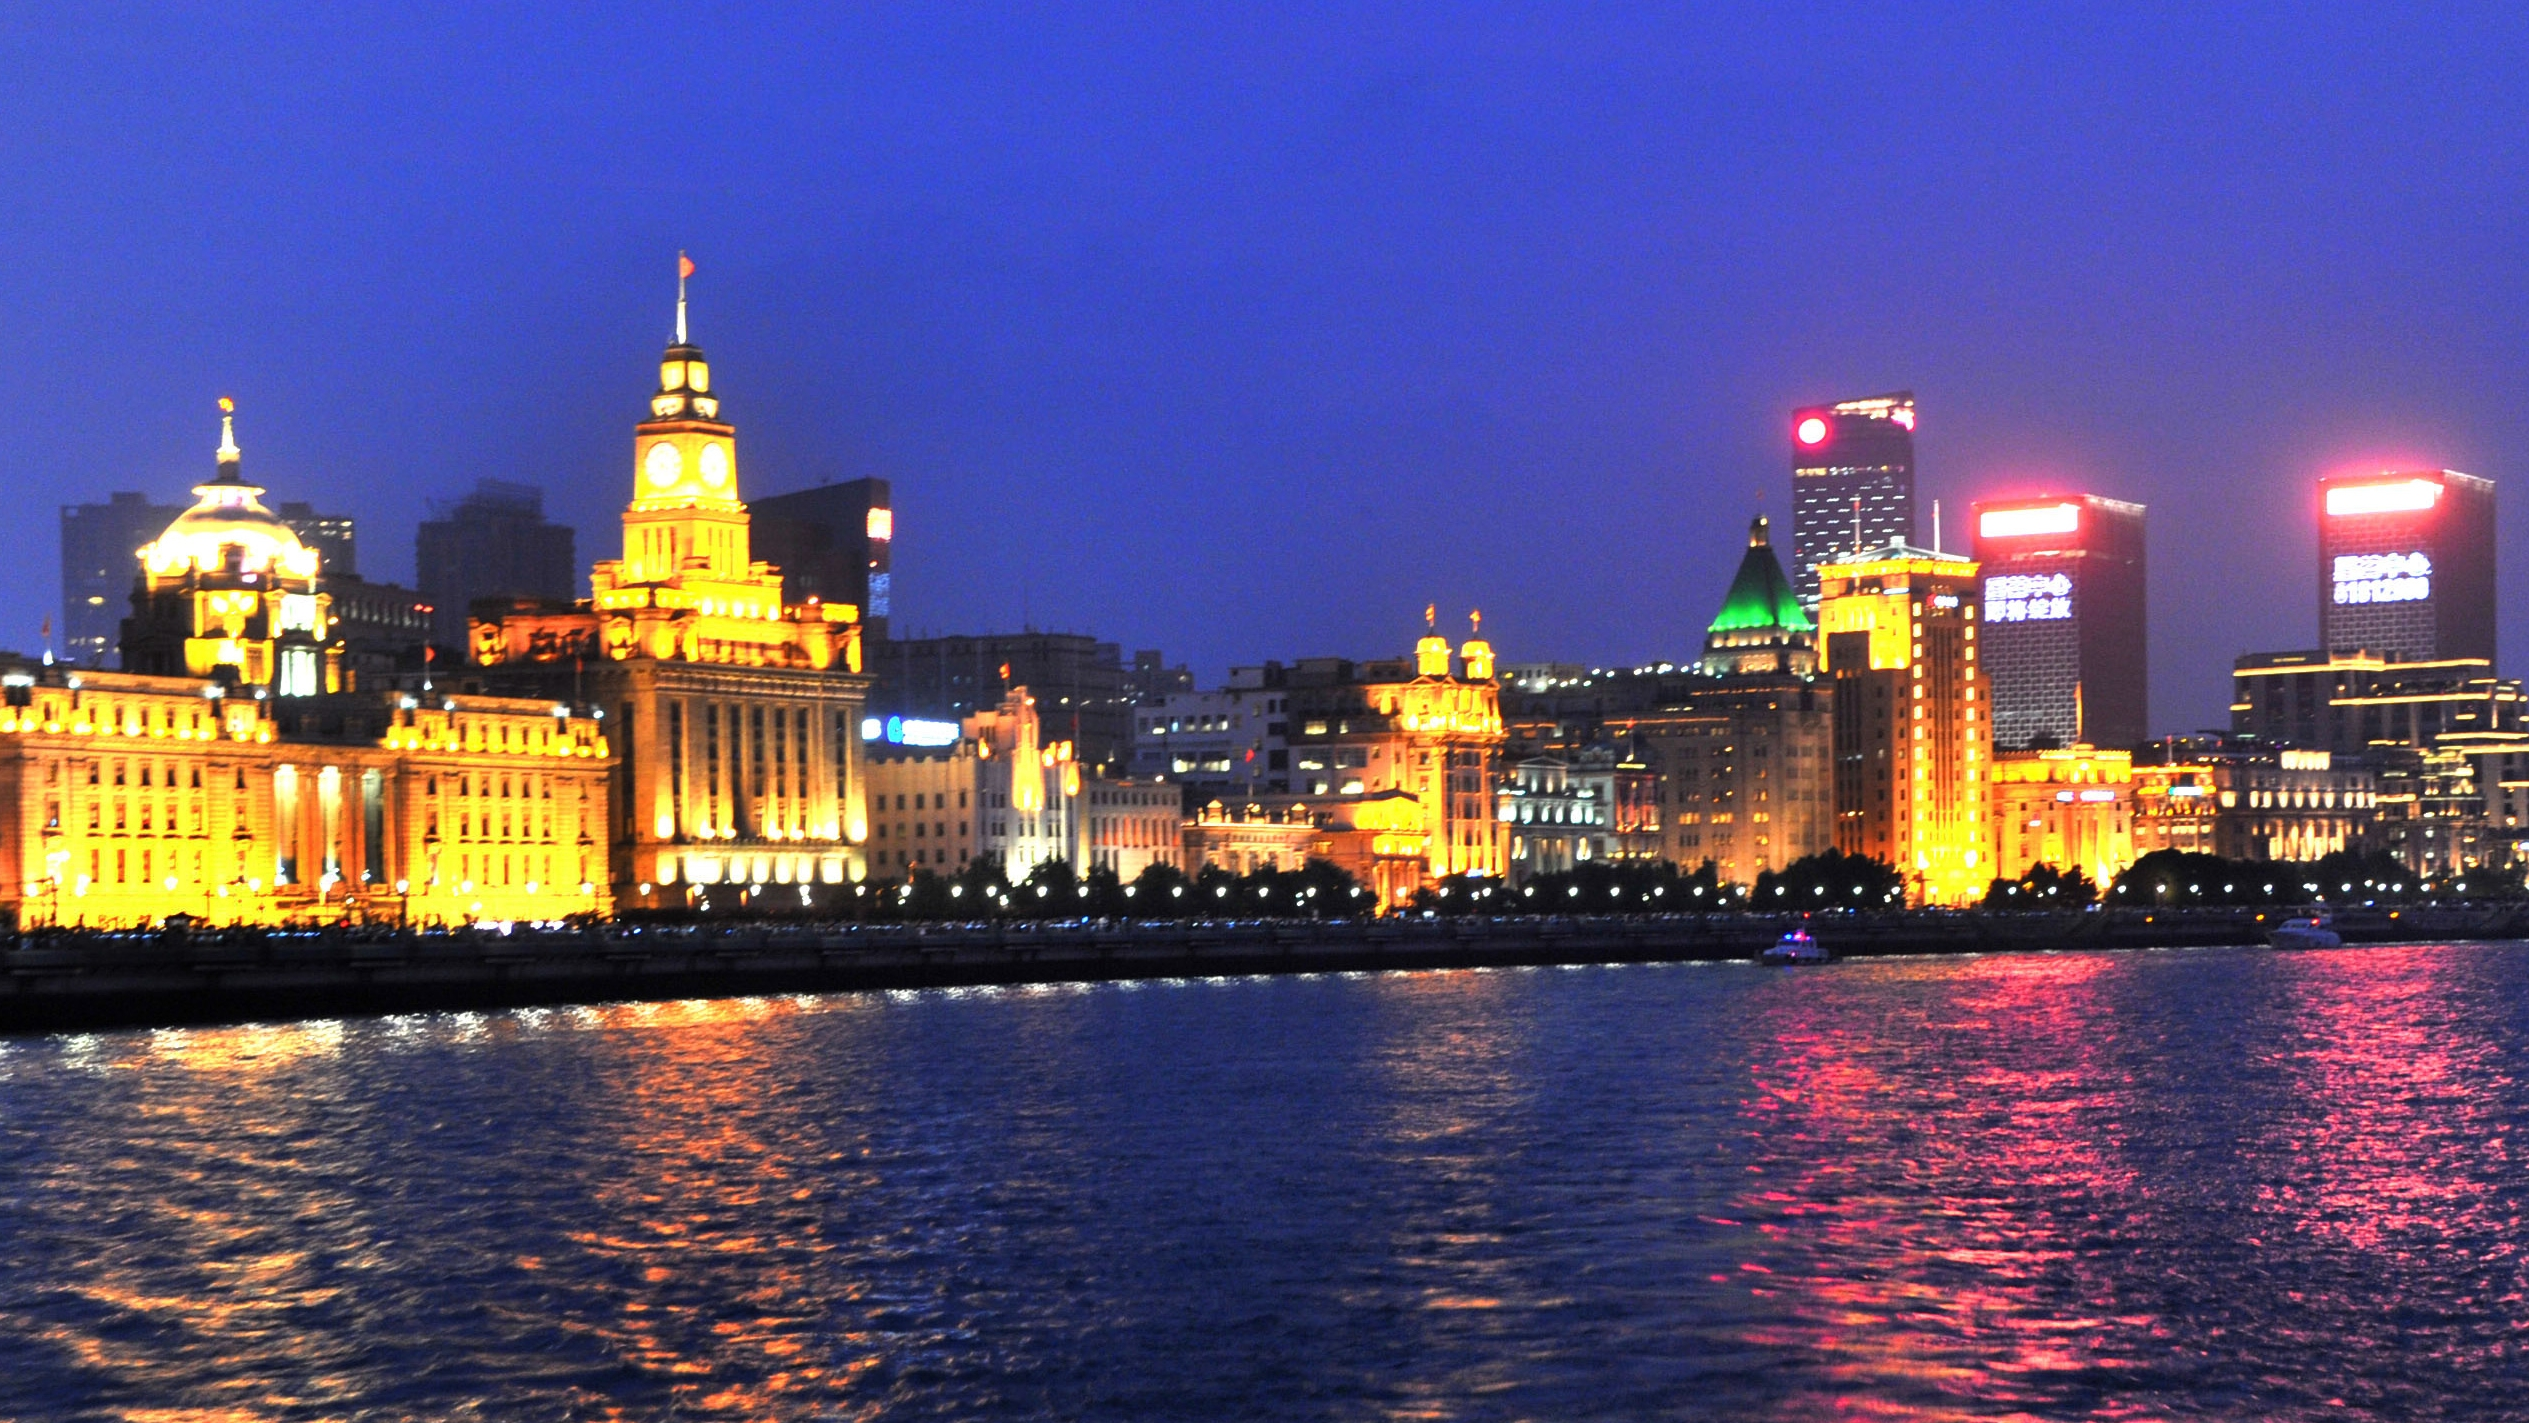 阅读上海100胜 15 | 浦江十景之金色外滩 百年地标 心怀梦想再出发